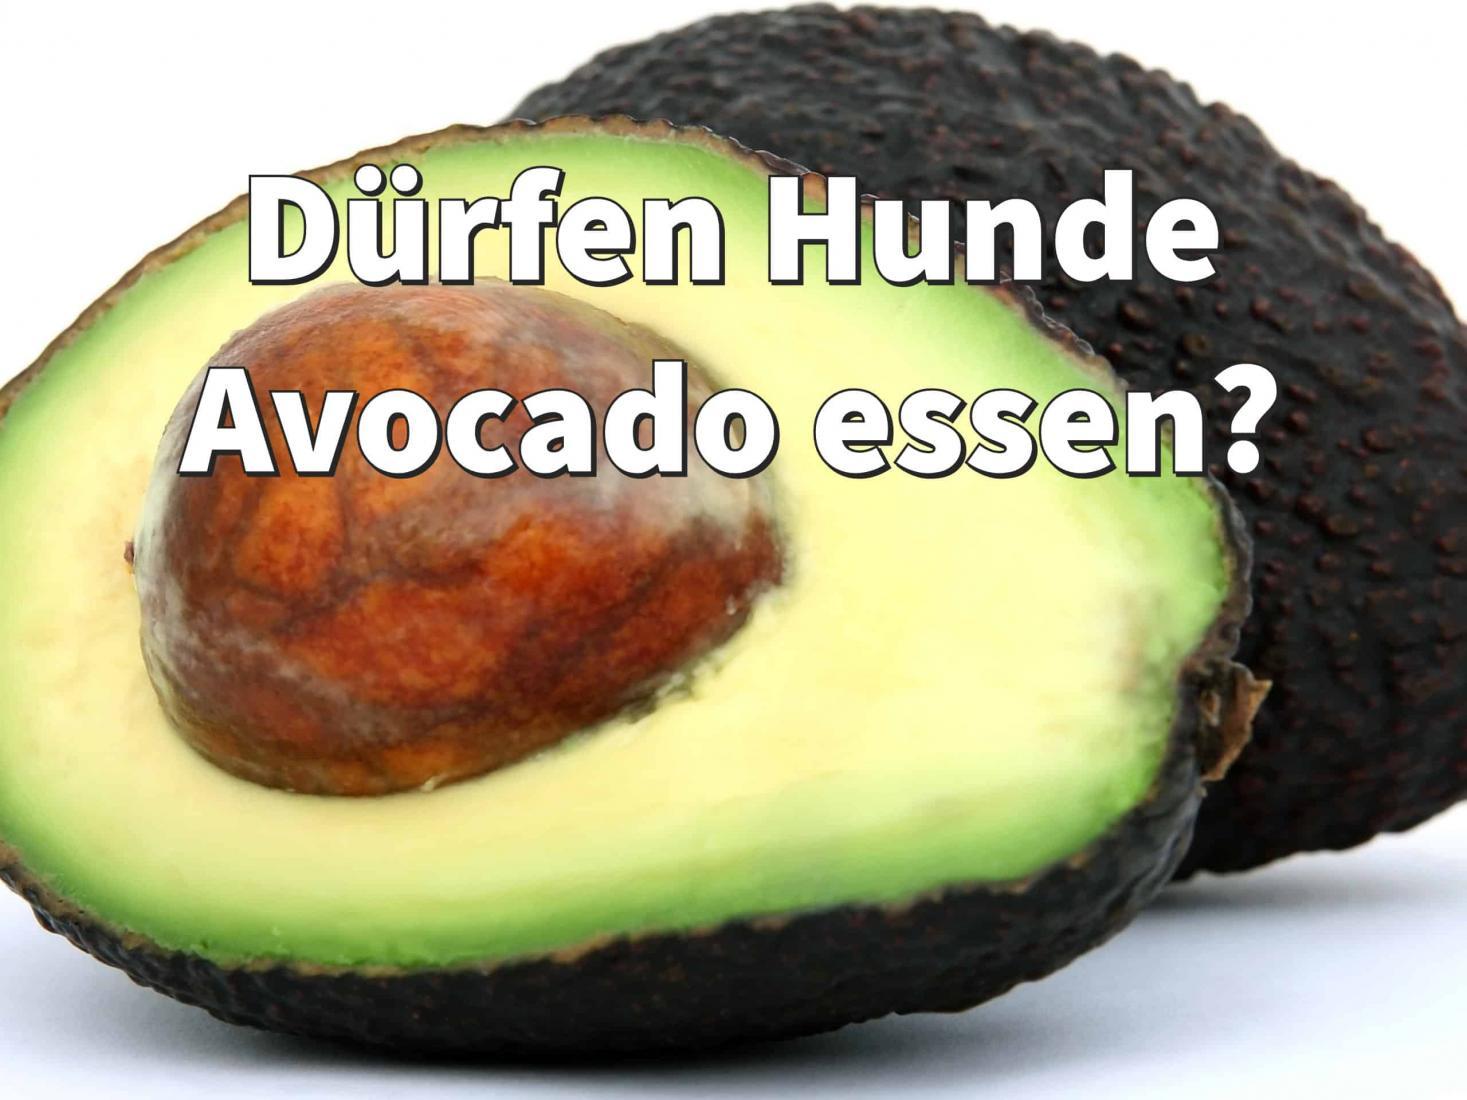 Dürfen Hunde Avocado essen? Das sollten Sie beachten! Dogco.de